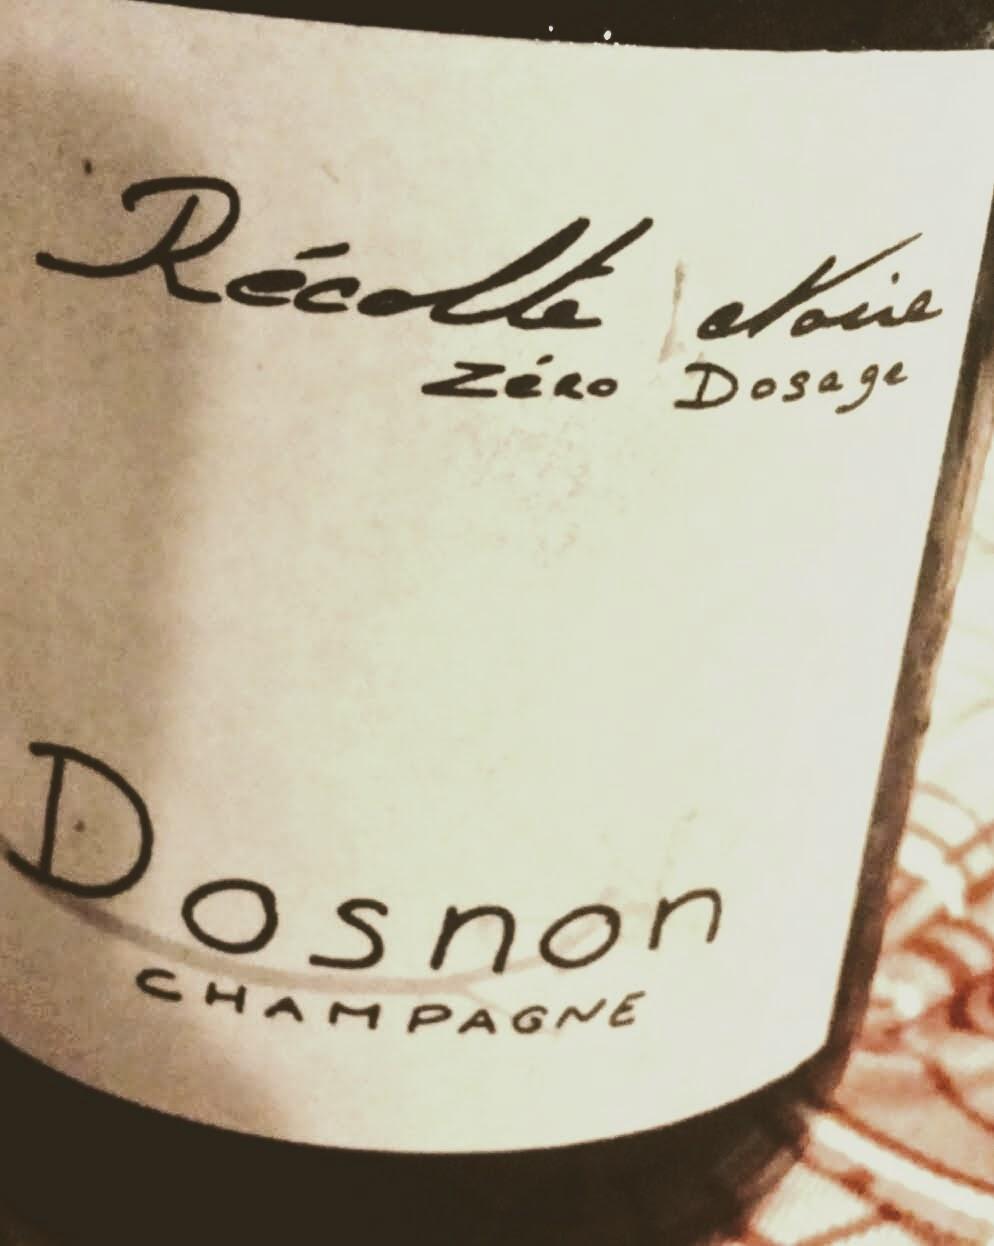 Champagne Dosnon Zero Dosage